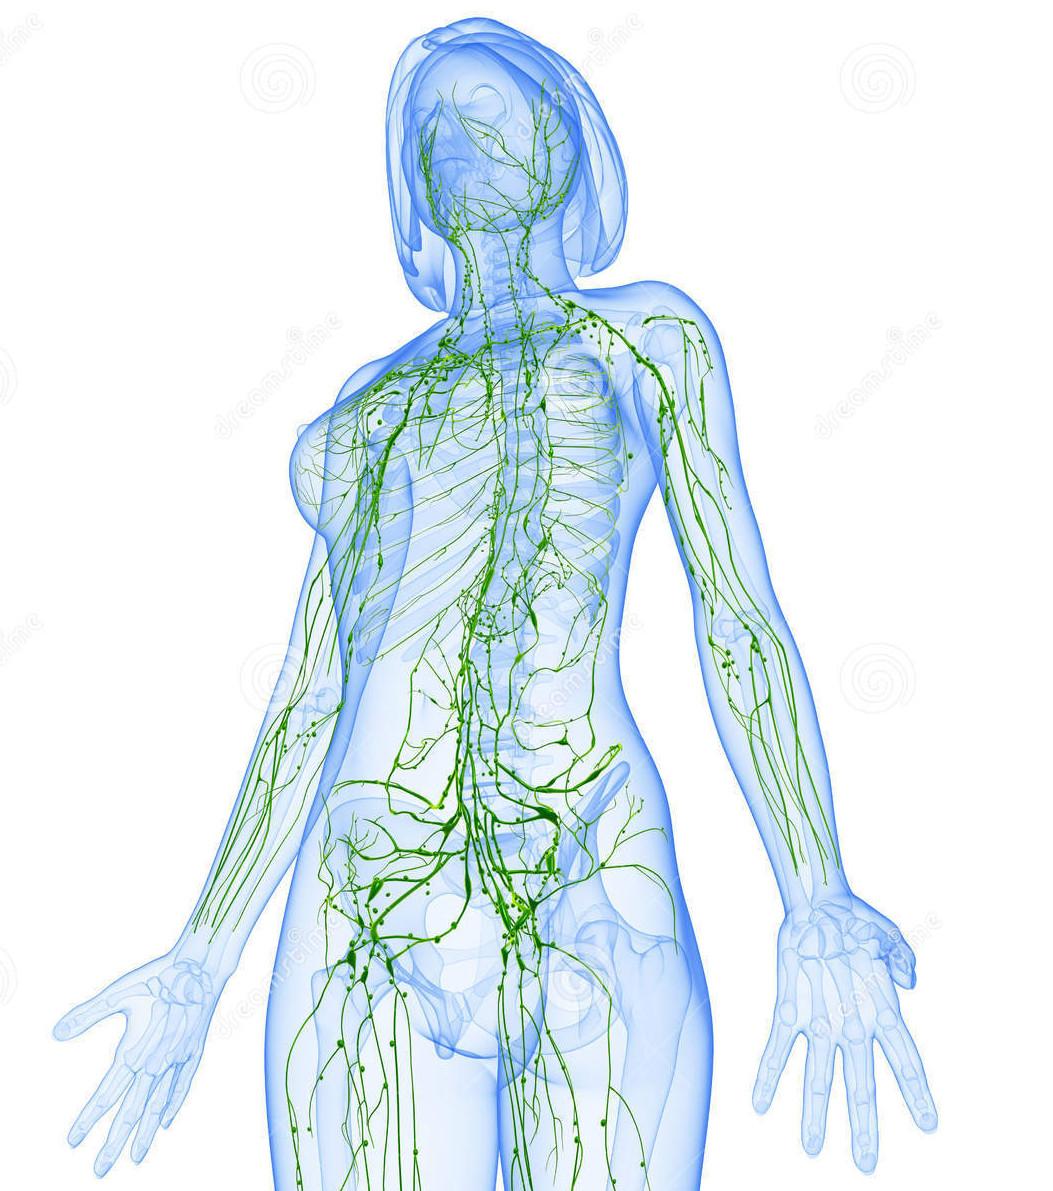 sistema-linfatico-femminile-di-vista-laterale-36217340